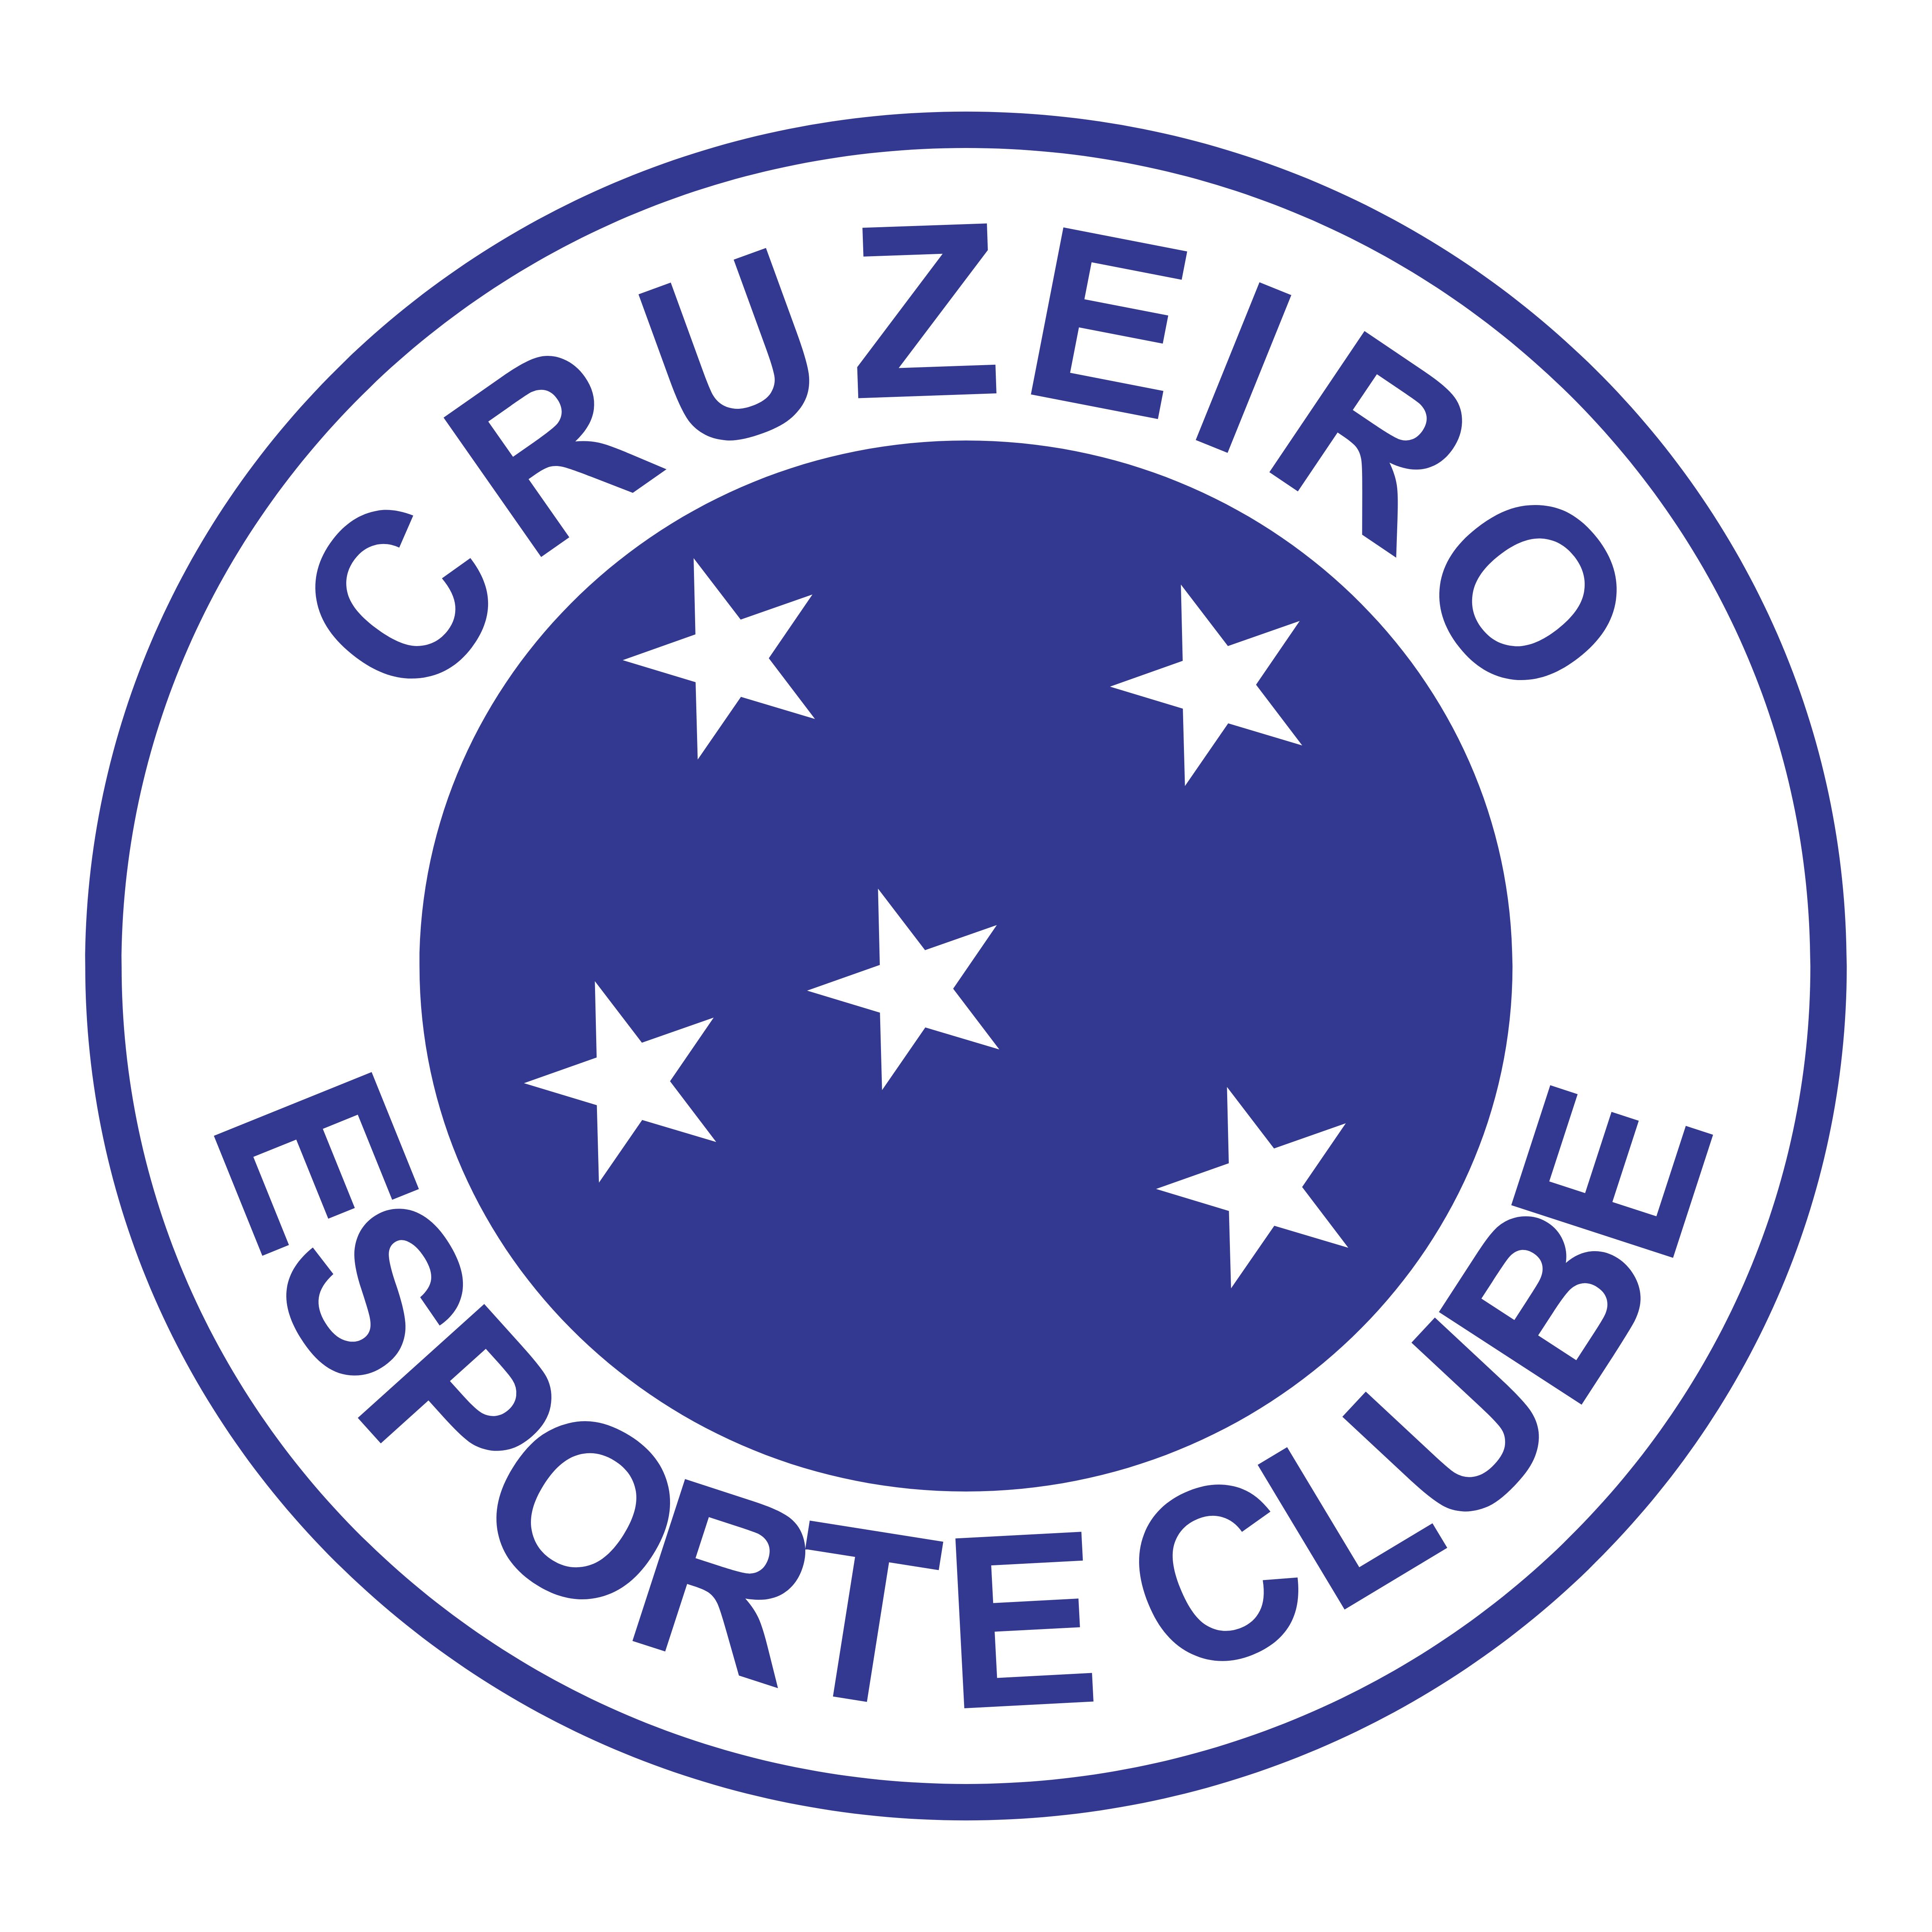 Cruzeiro U2013 Logos Download